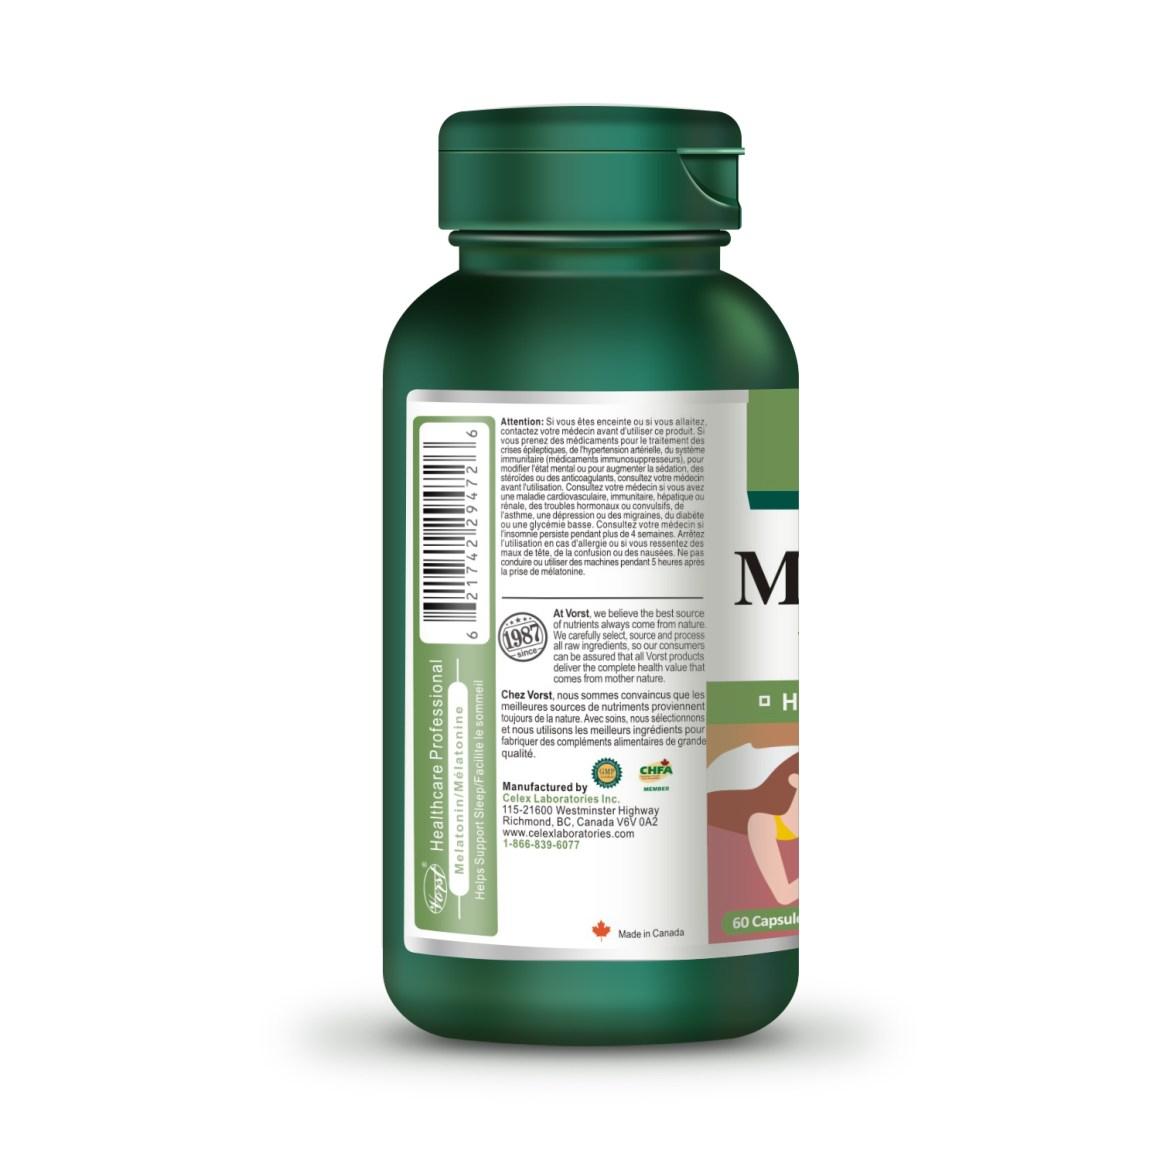 Melatonin 10mg vitamin b12 60 capsules bottle description